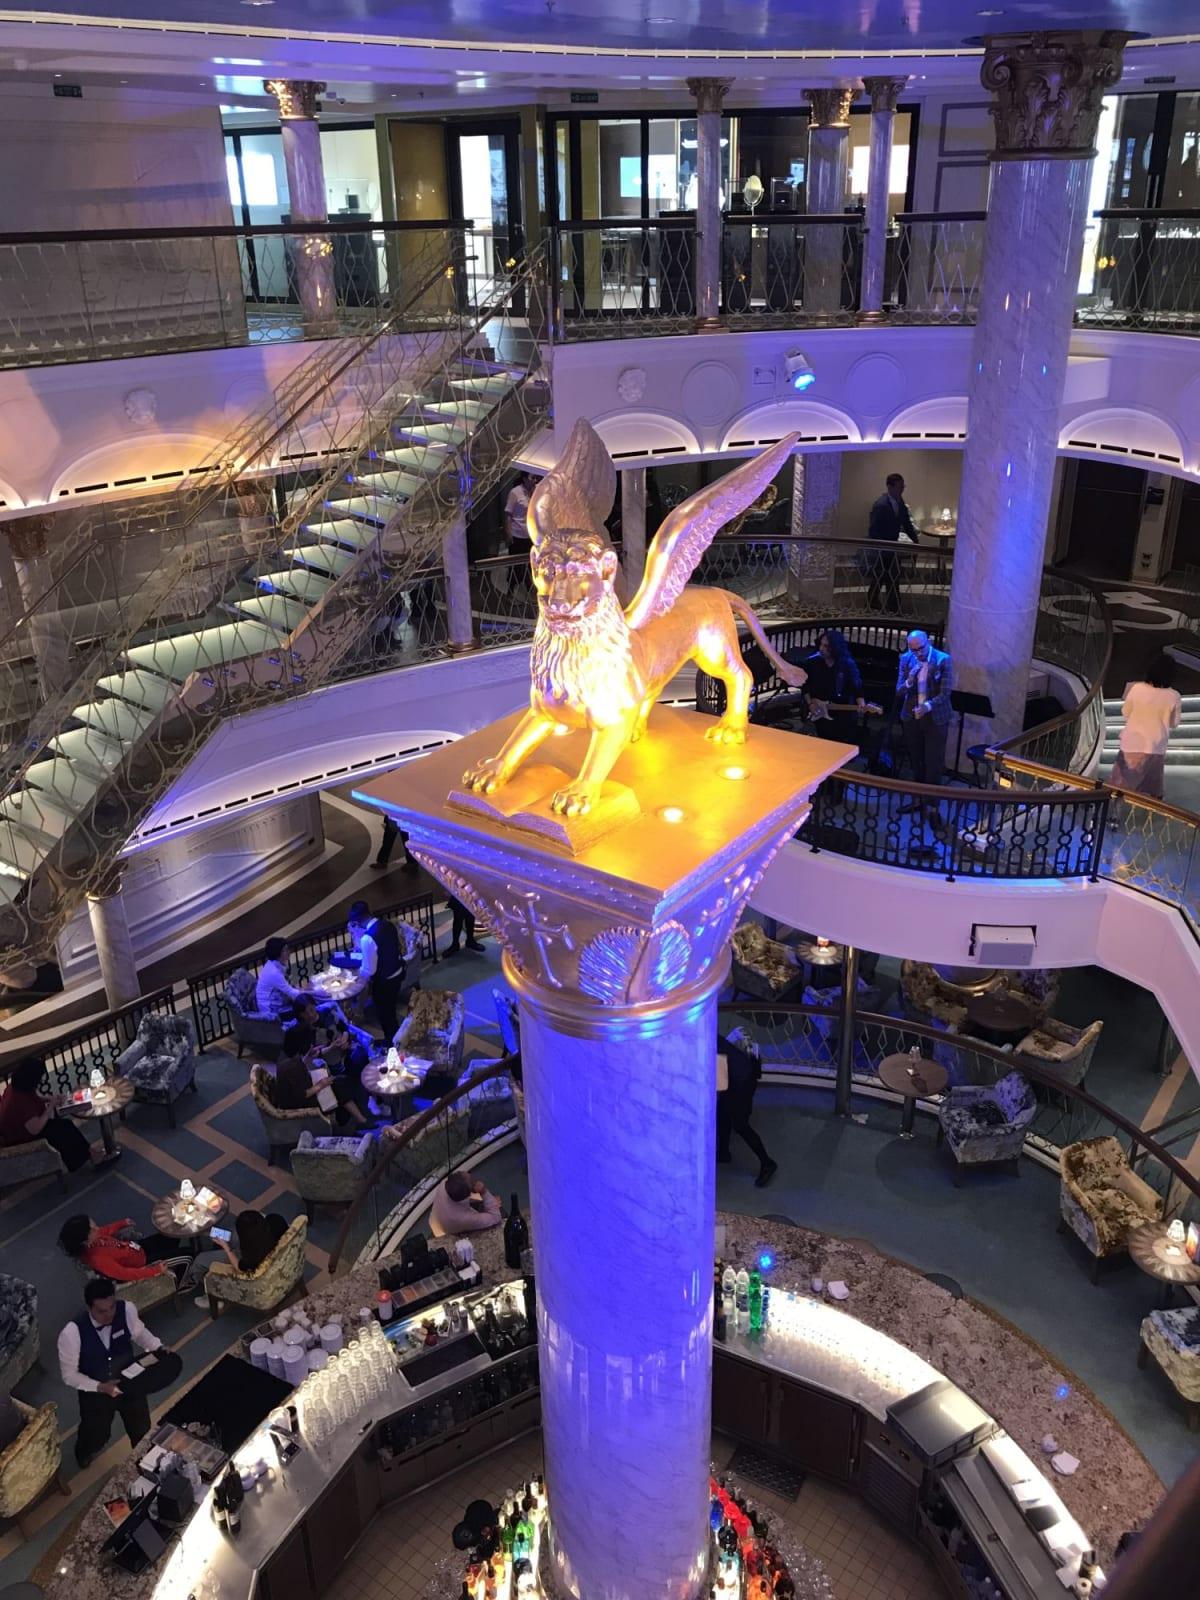 サン・マルコ広場。バーの中央の円柱の上に乗ってるベネチアのシンボル、有翼の獅子。 姉妹船のコスタフィレンチェはこのポジションにミケランジェロのダビデ像が乗るらしい。